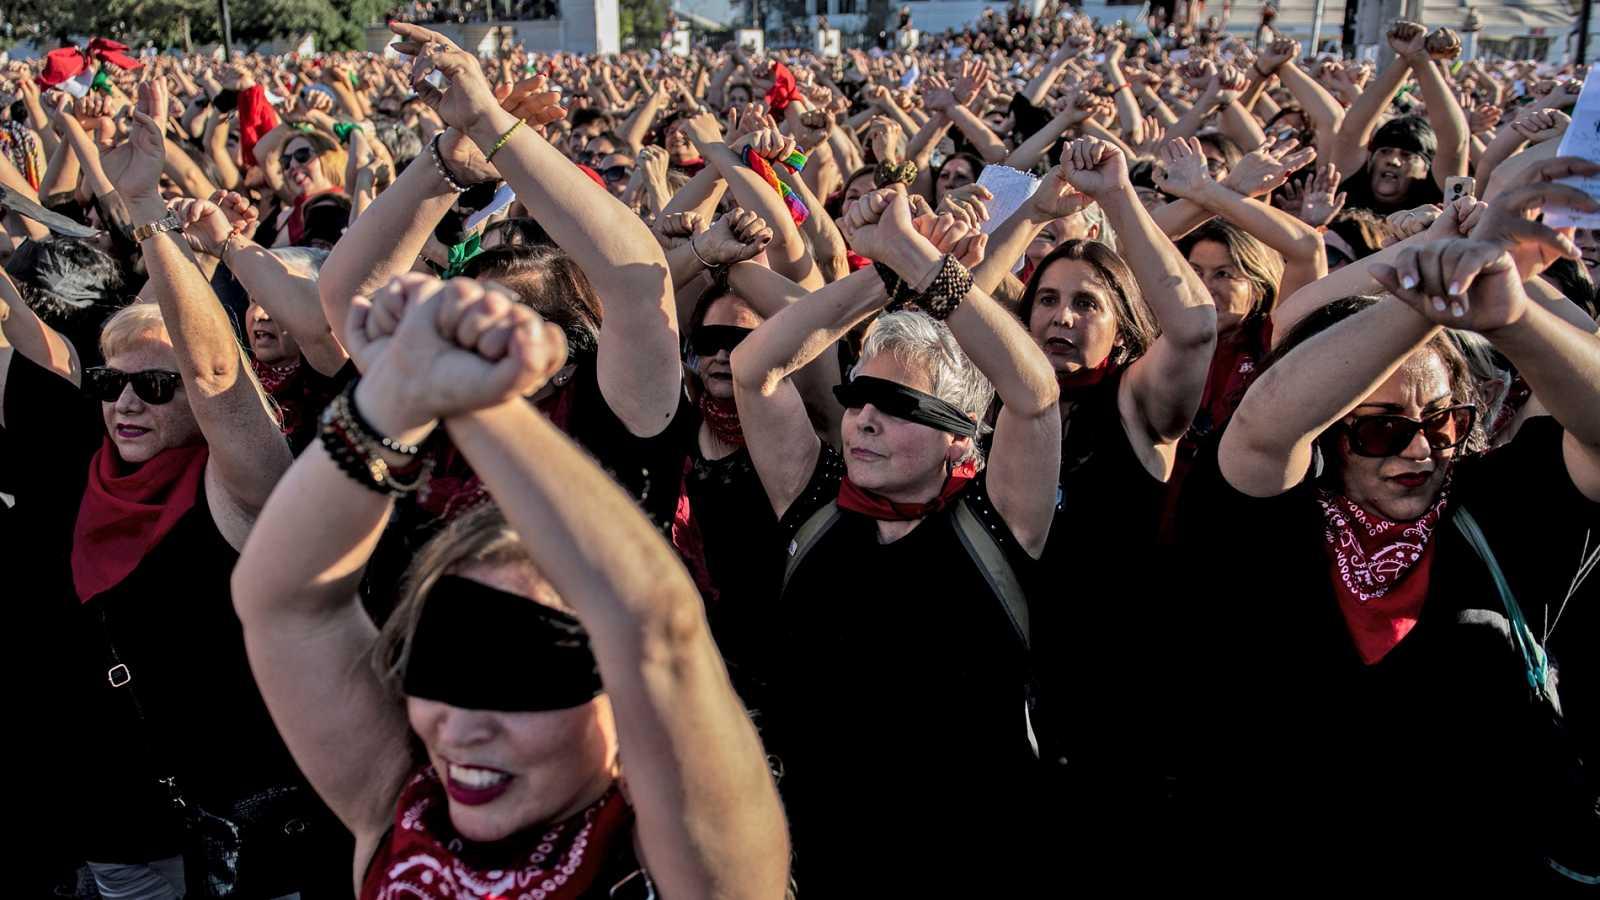 Chile: Llamadas para denunciar violencia intrafamiliar aumentaron 148% en 2020